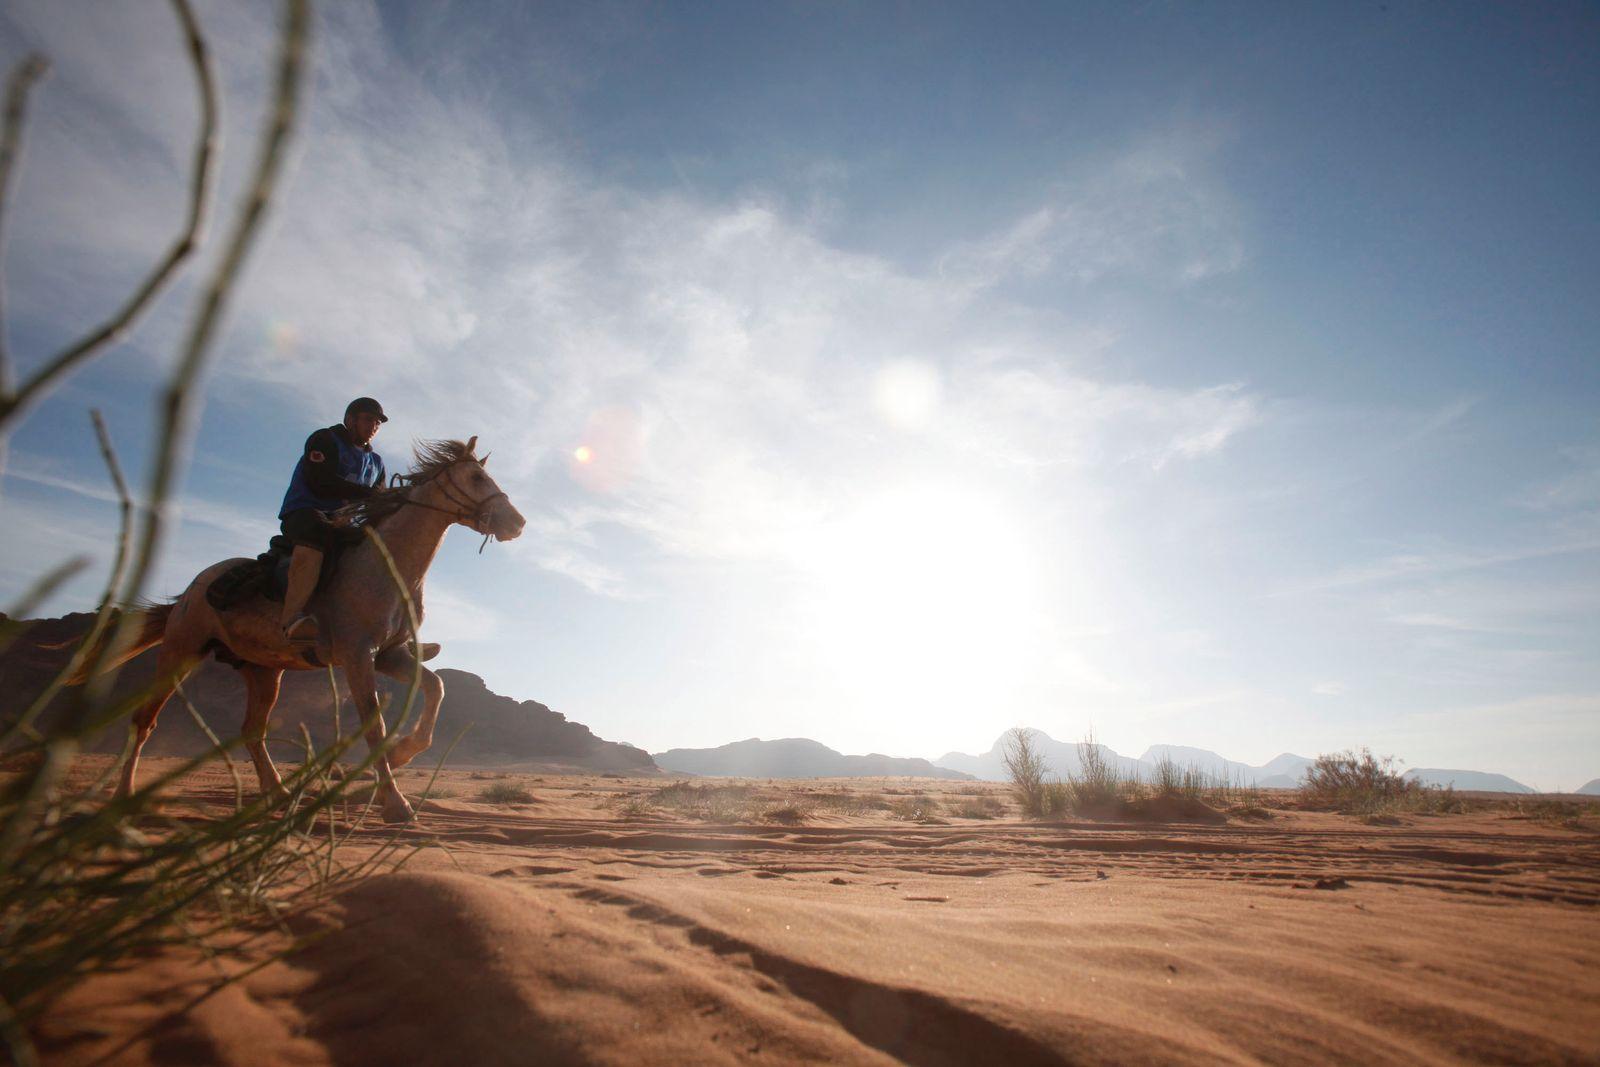 Endurance Horse Race In Jordans' Wadi Rhum